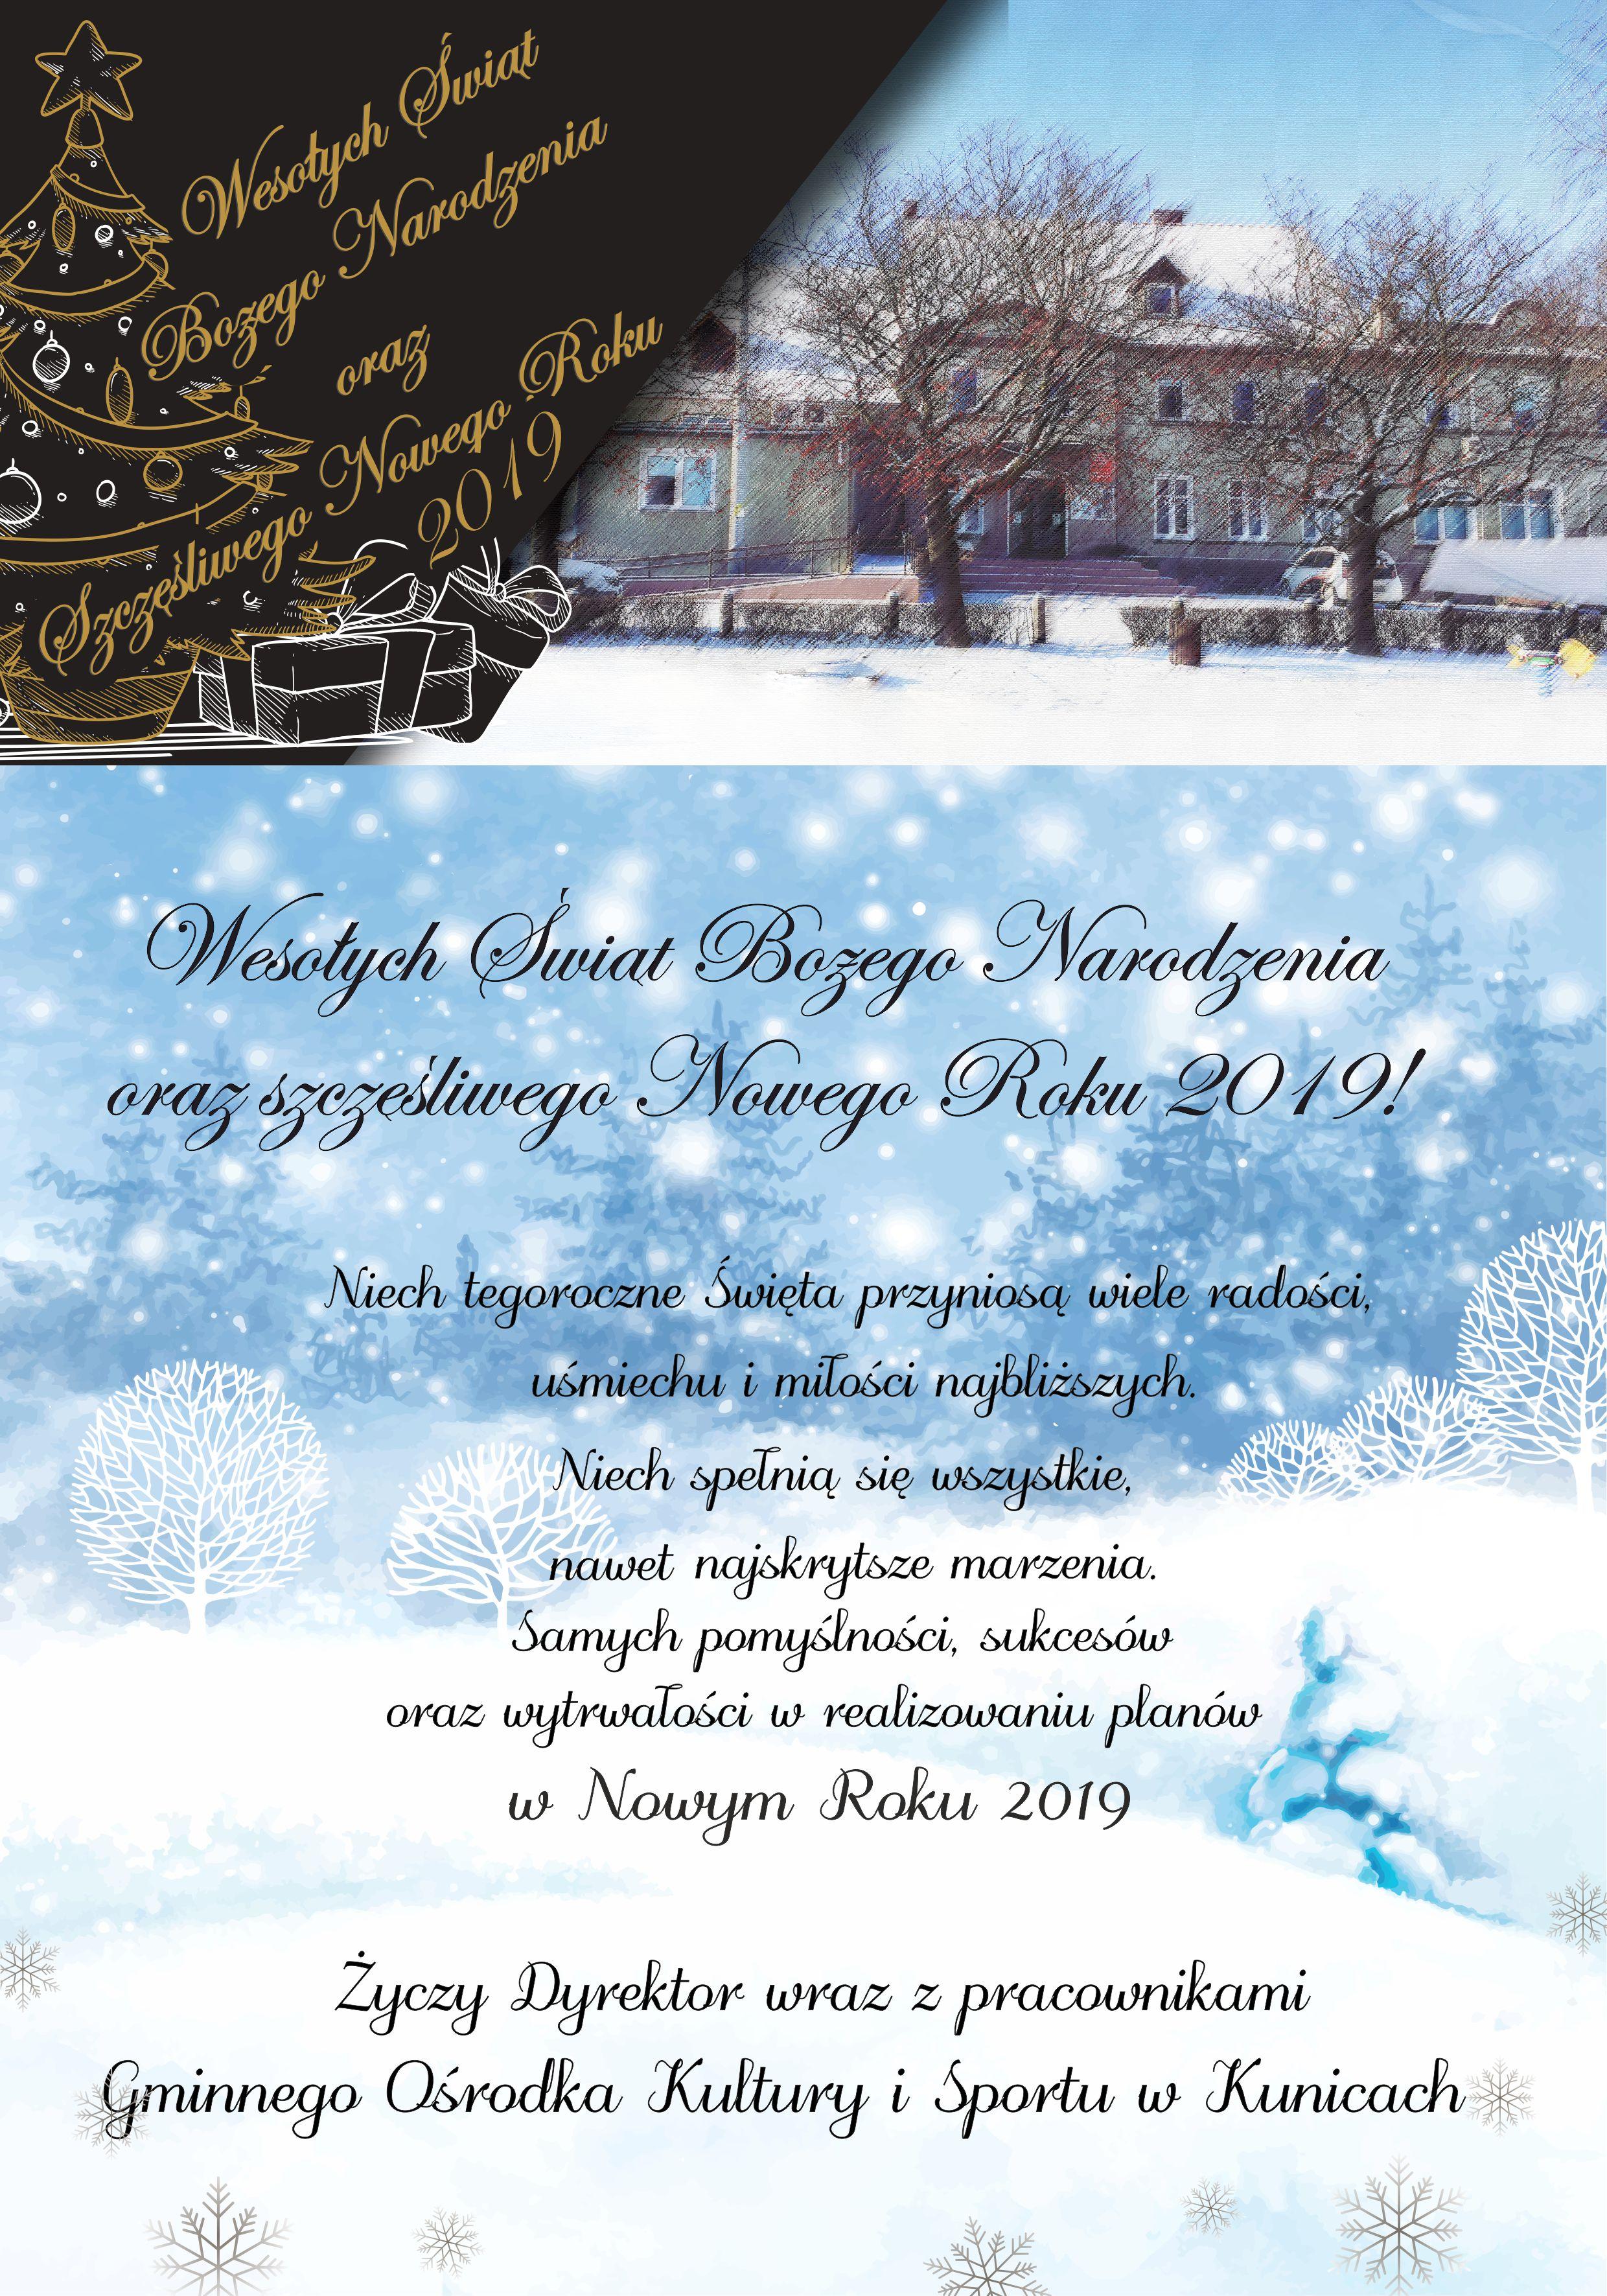 Wesołych świąt życzy Gokis Kunice Gokis Kunice